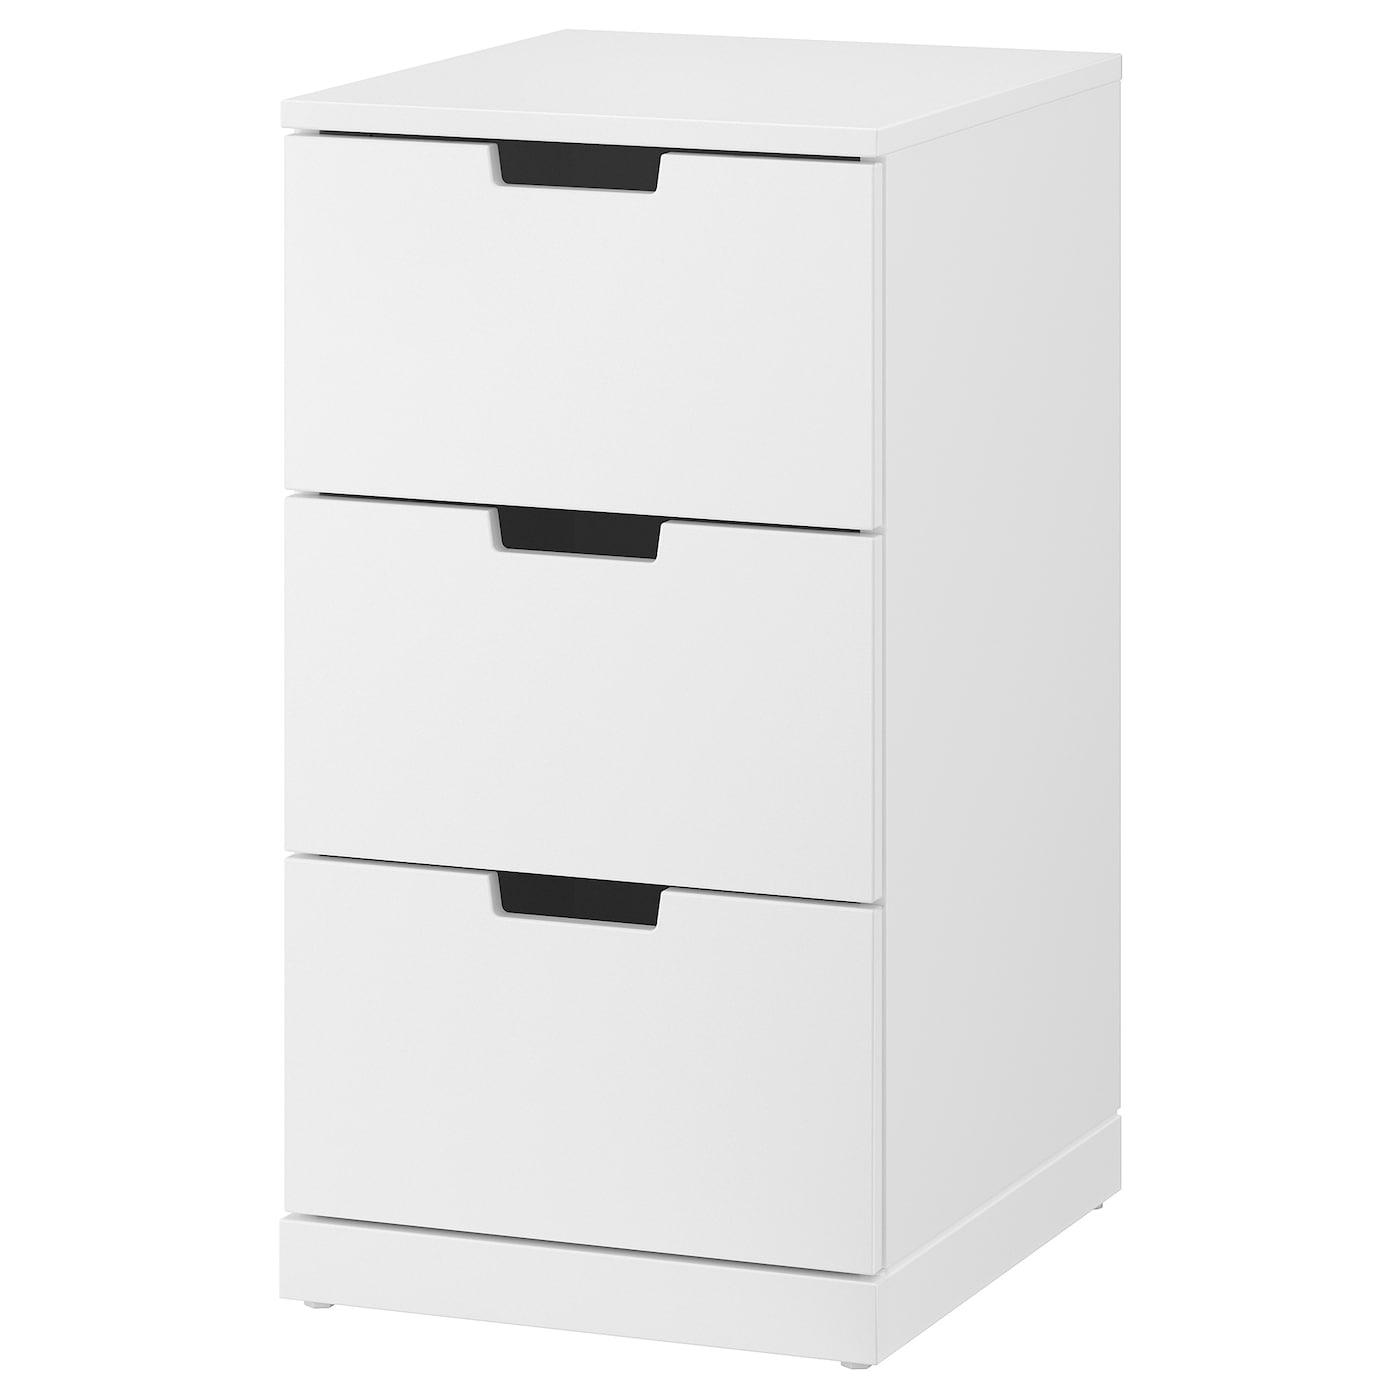 IKEA NORDLI biała komoda z trzema szufladami, 40x76 cm